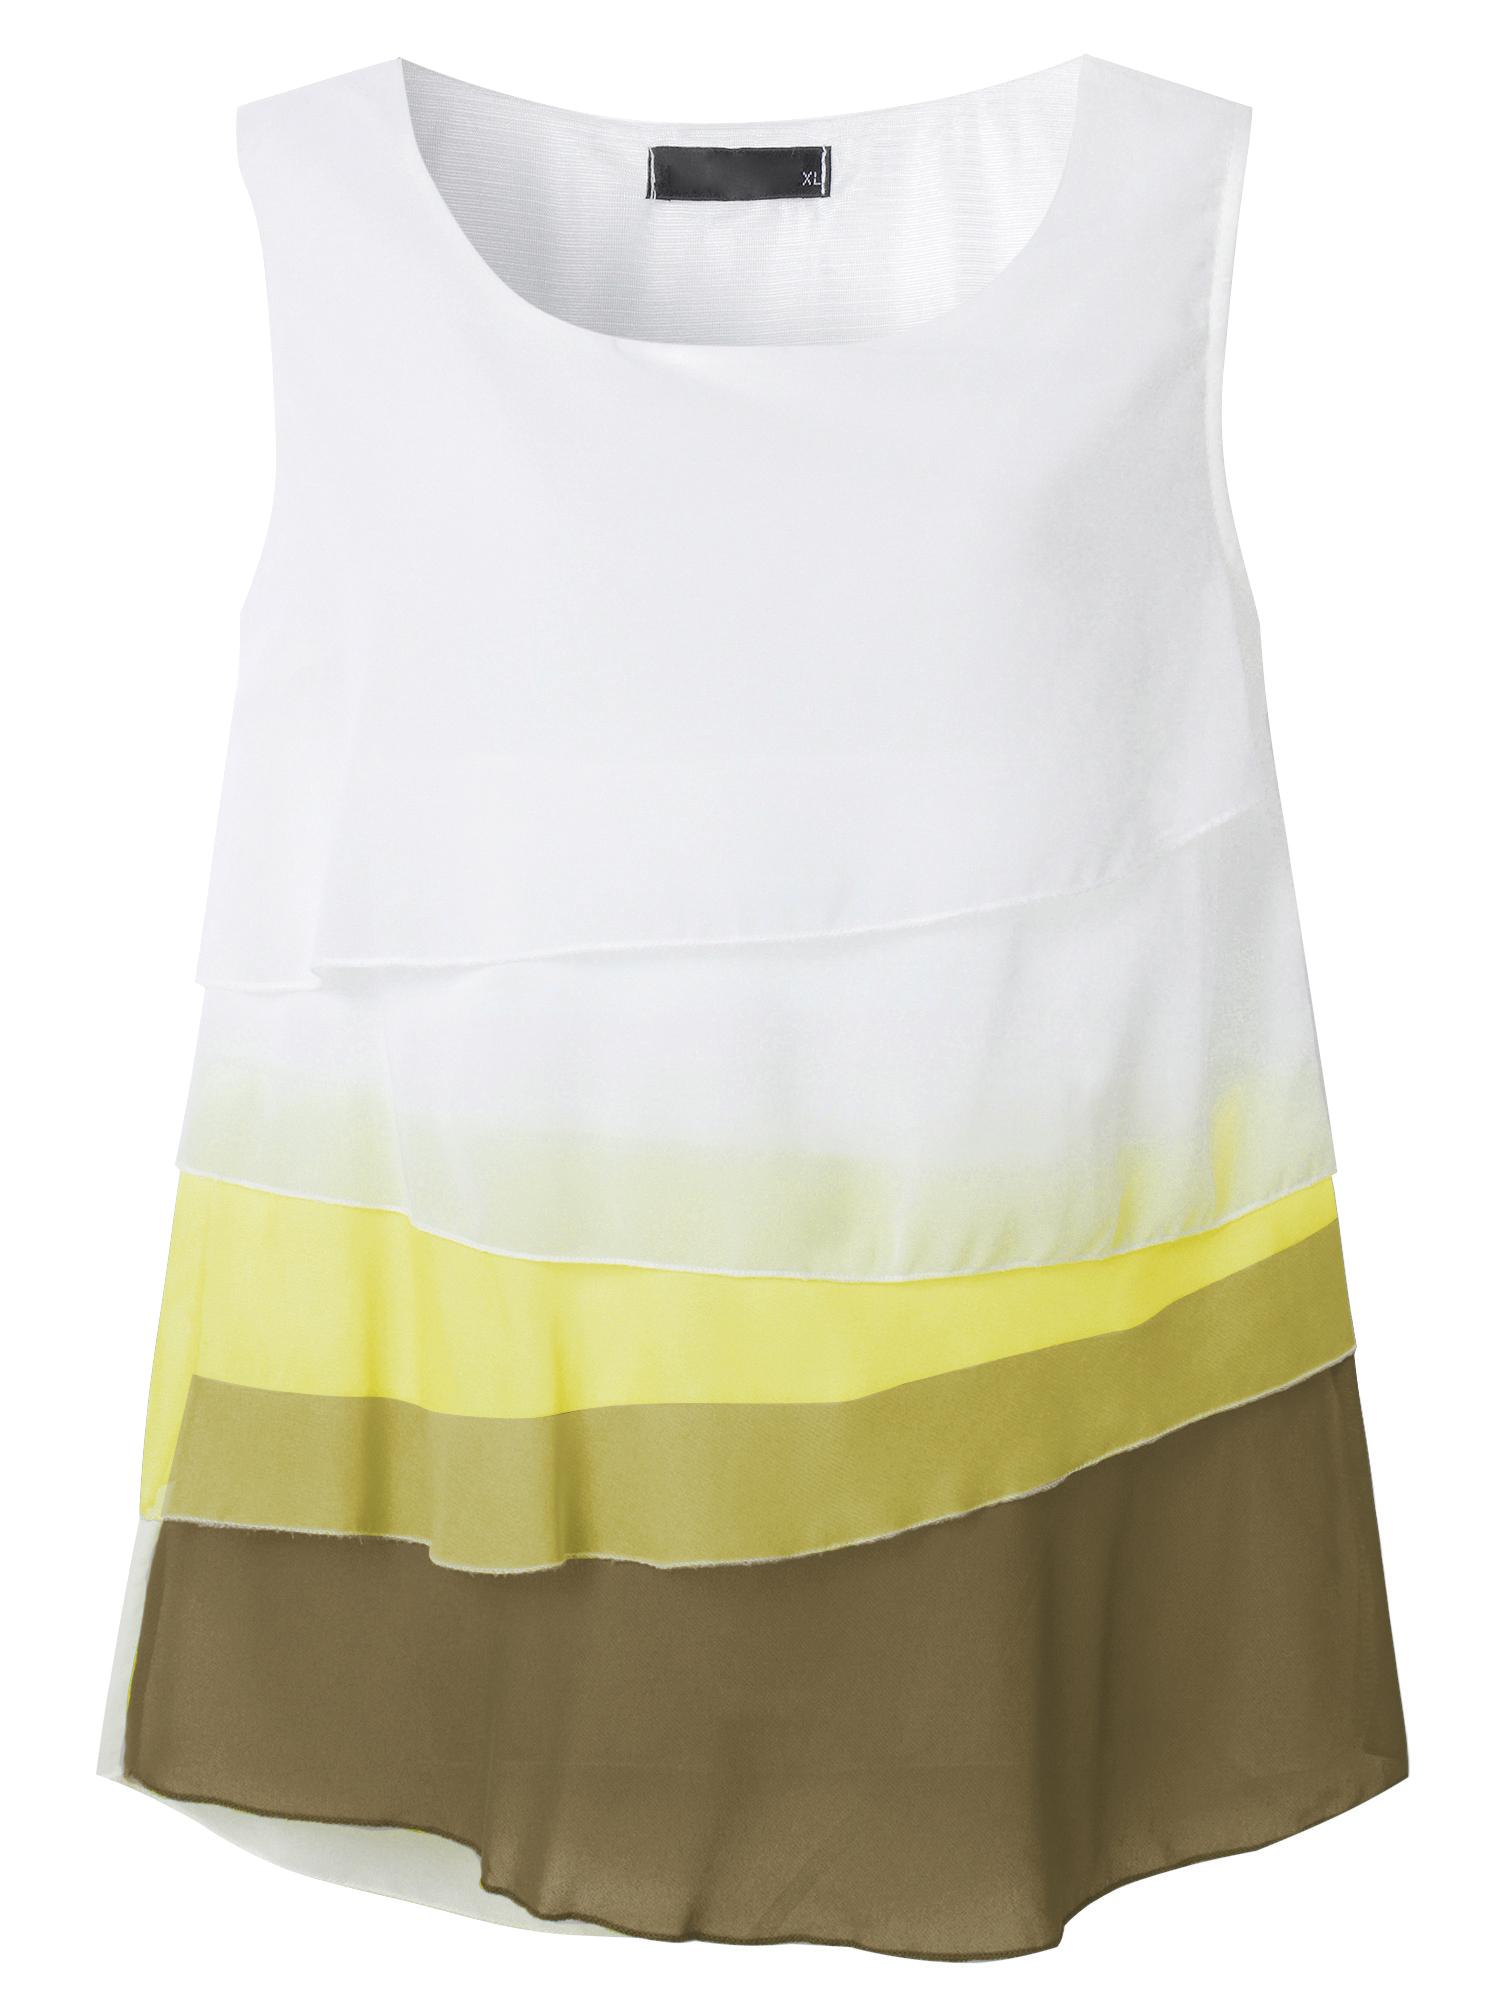 Zanzea Ladies Sleeveless Multi-layered Bright Color Chiffon Tank Tops